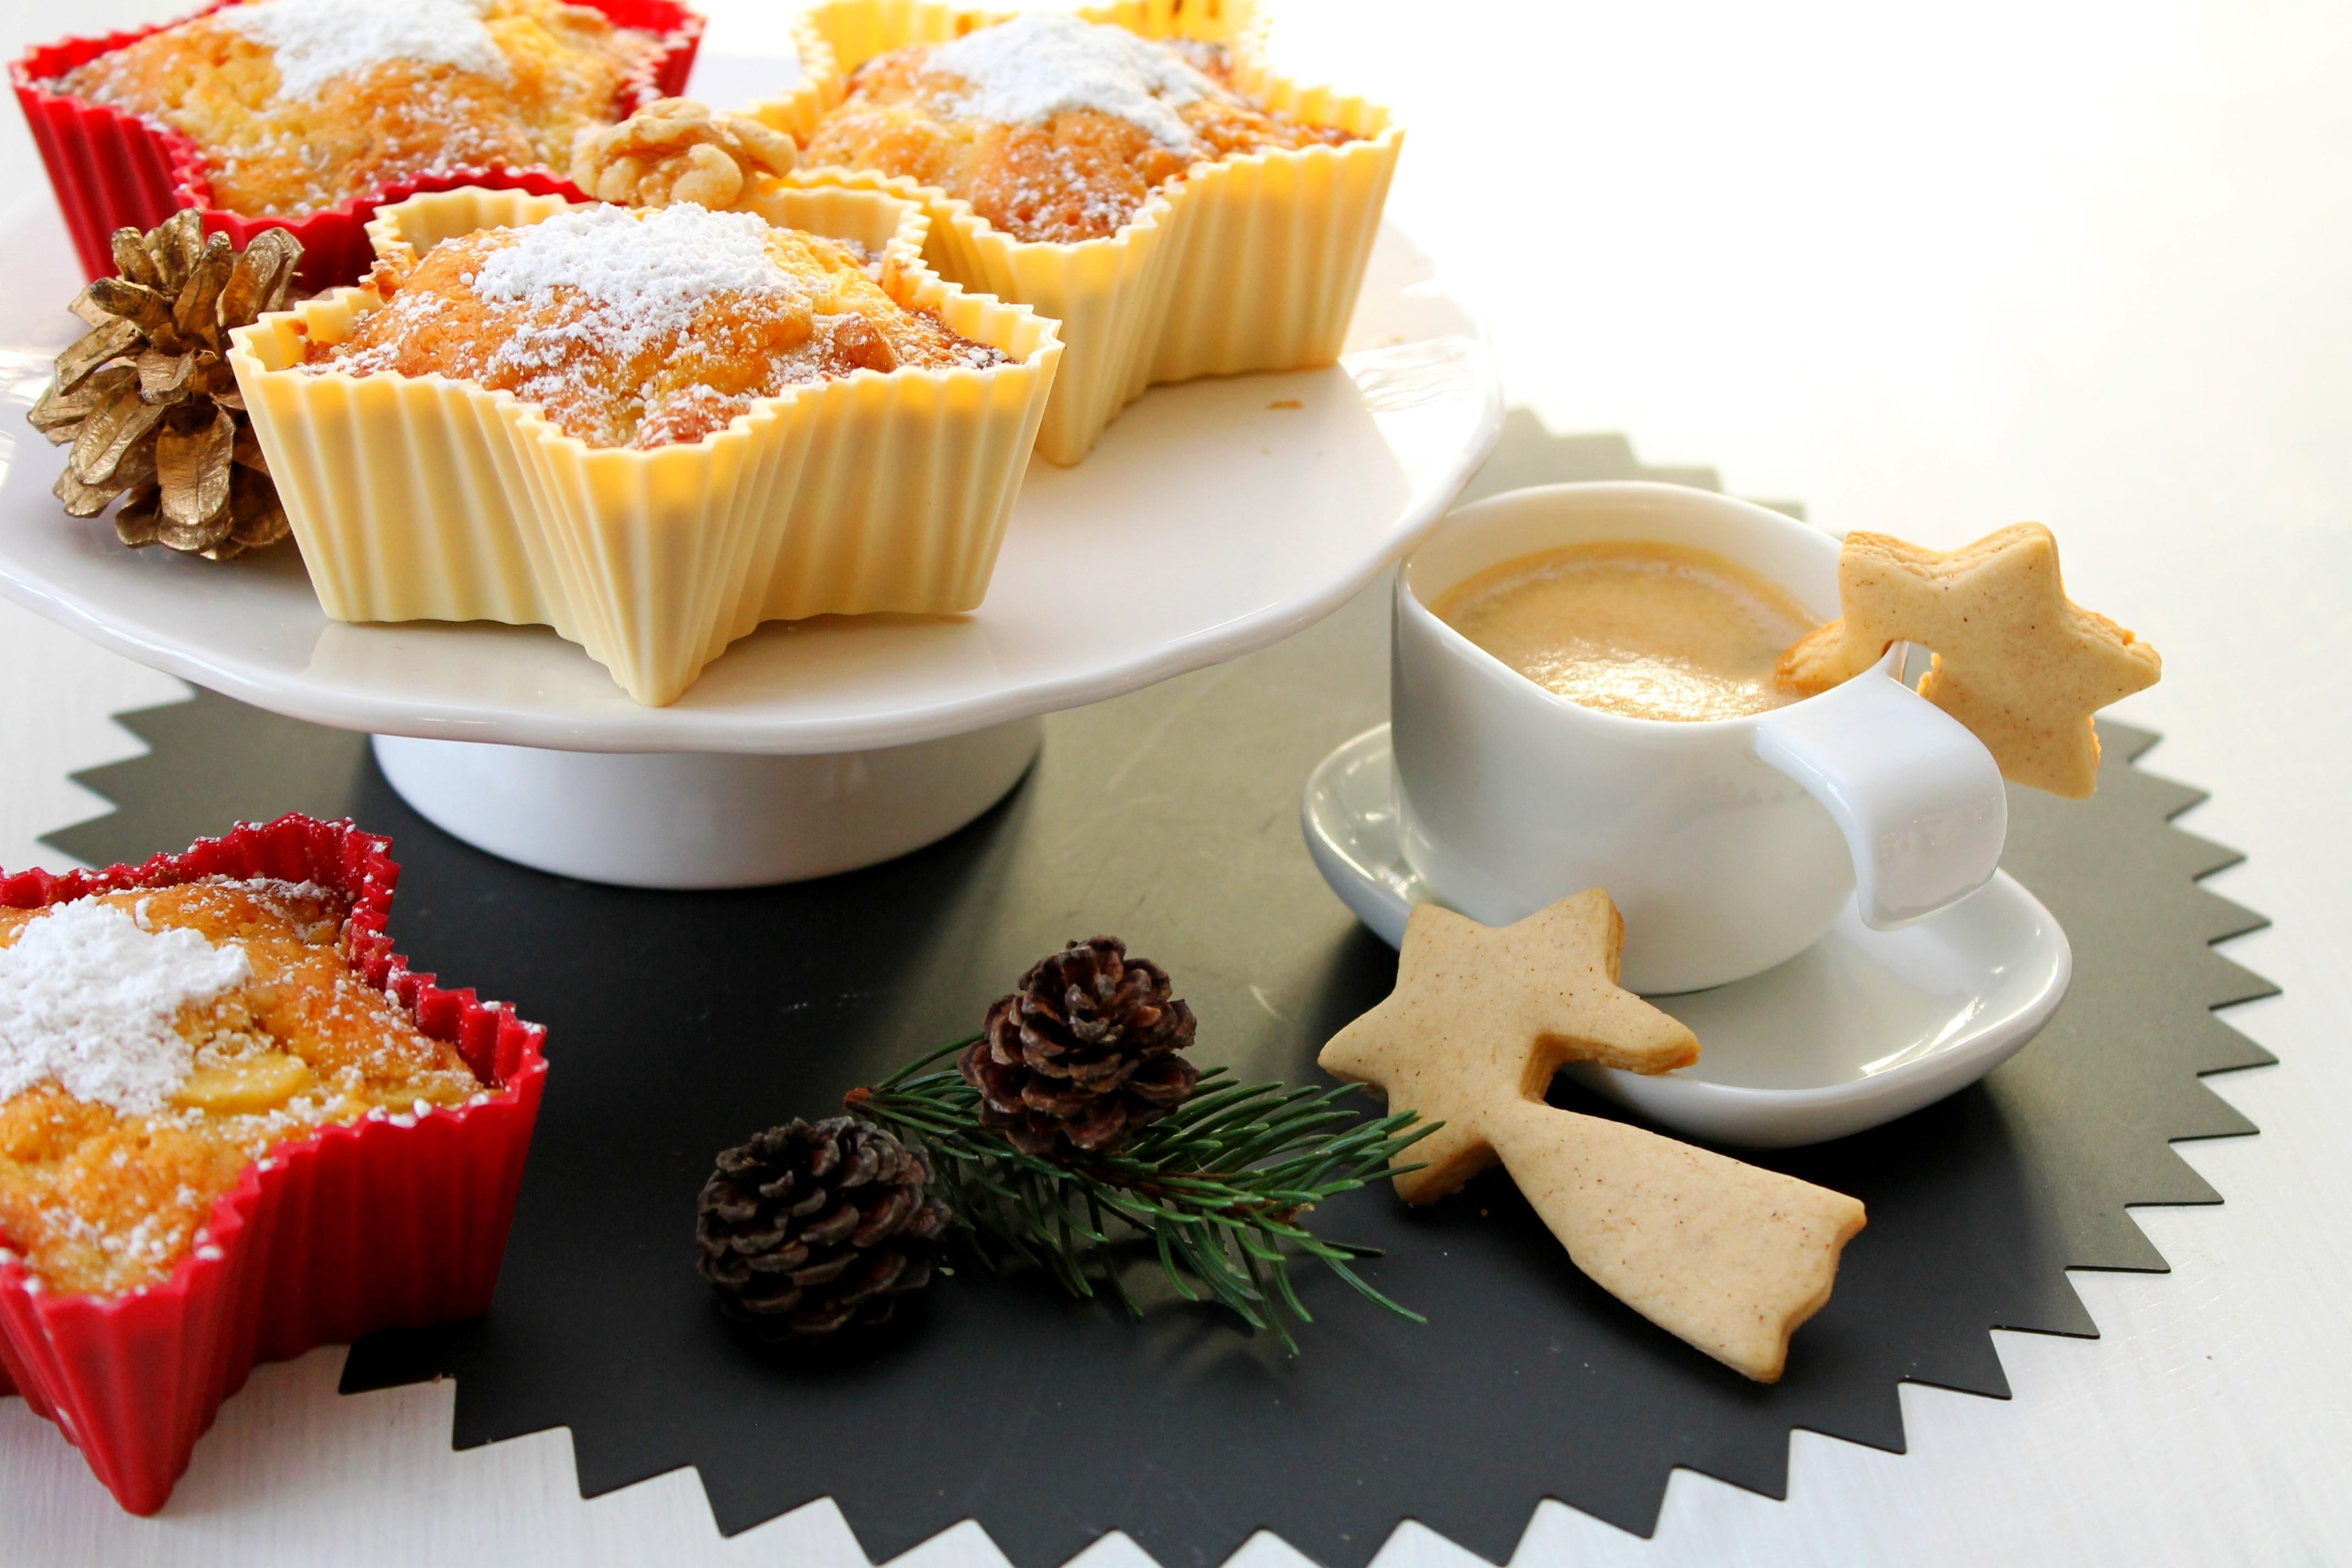 102896 скачать обои Еда, Пирожные, Кофе, Шишки, Рождество - заставки и картинки бесплатно